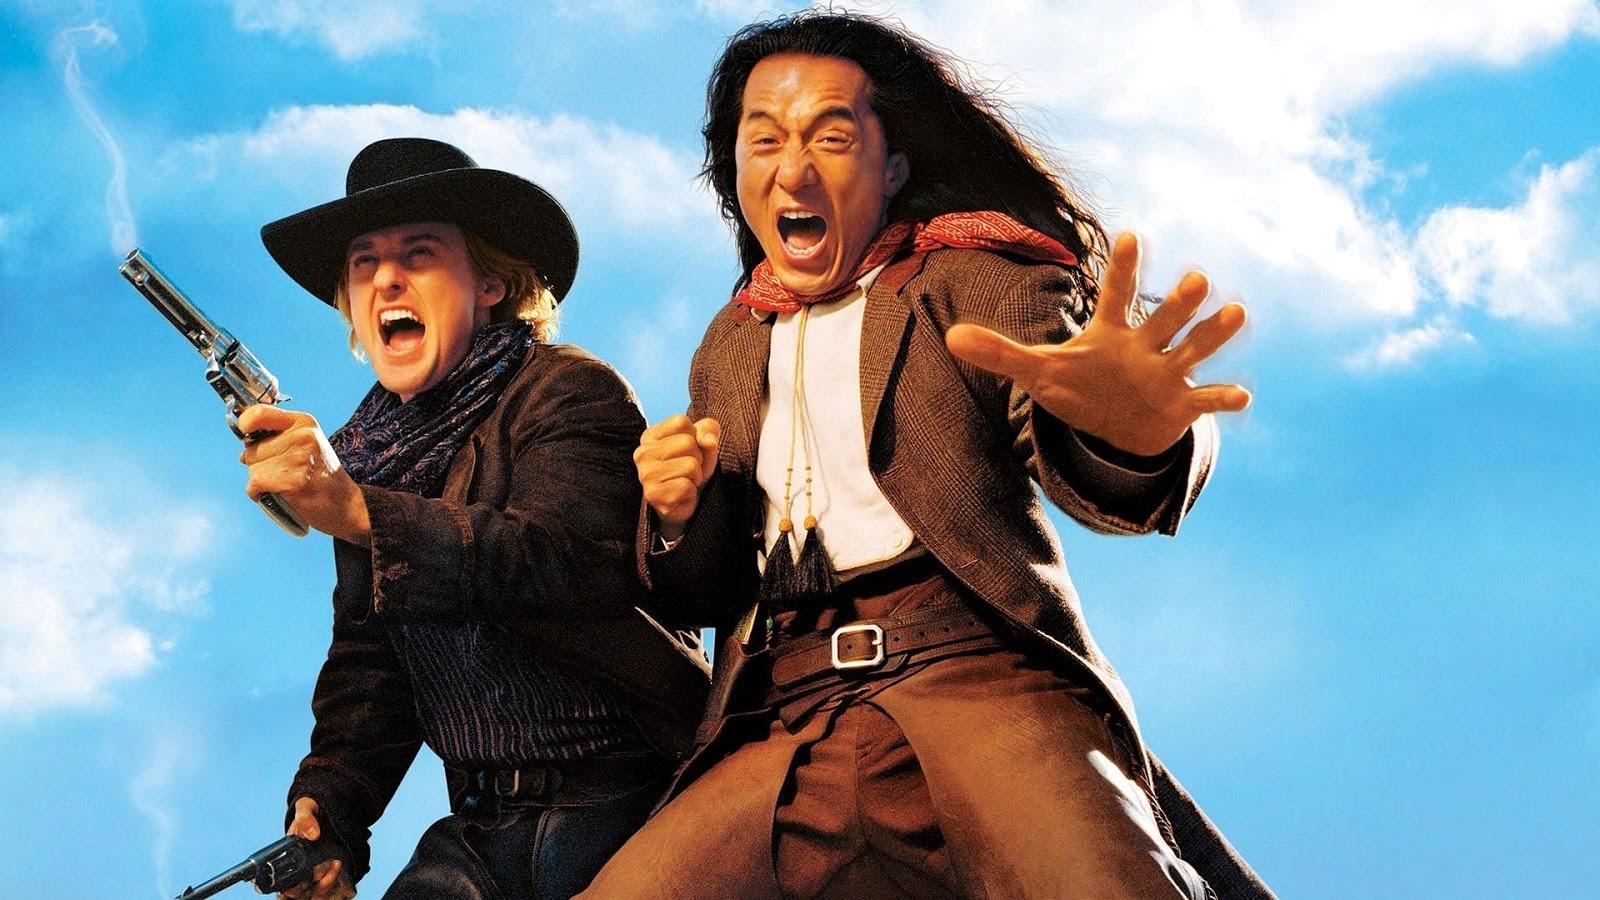 MGM anuncia sequência de Bater ou Correr com Jackie Chan e Owen Wilson